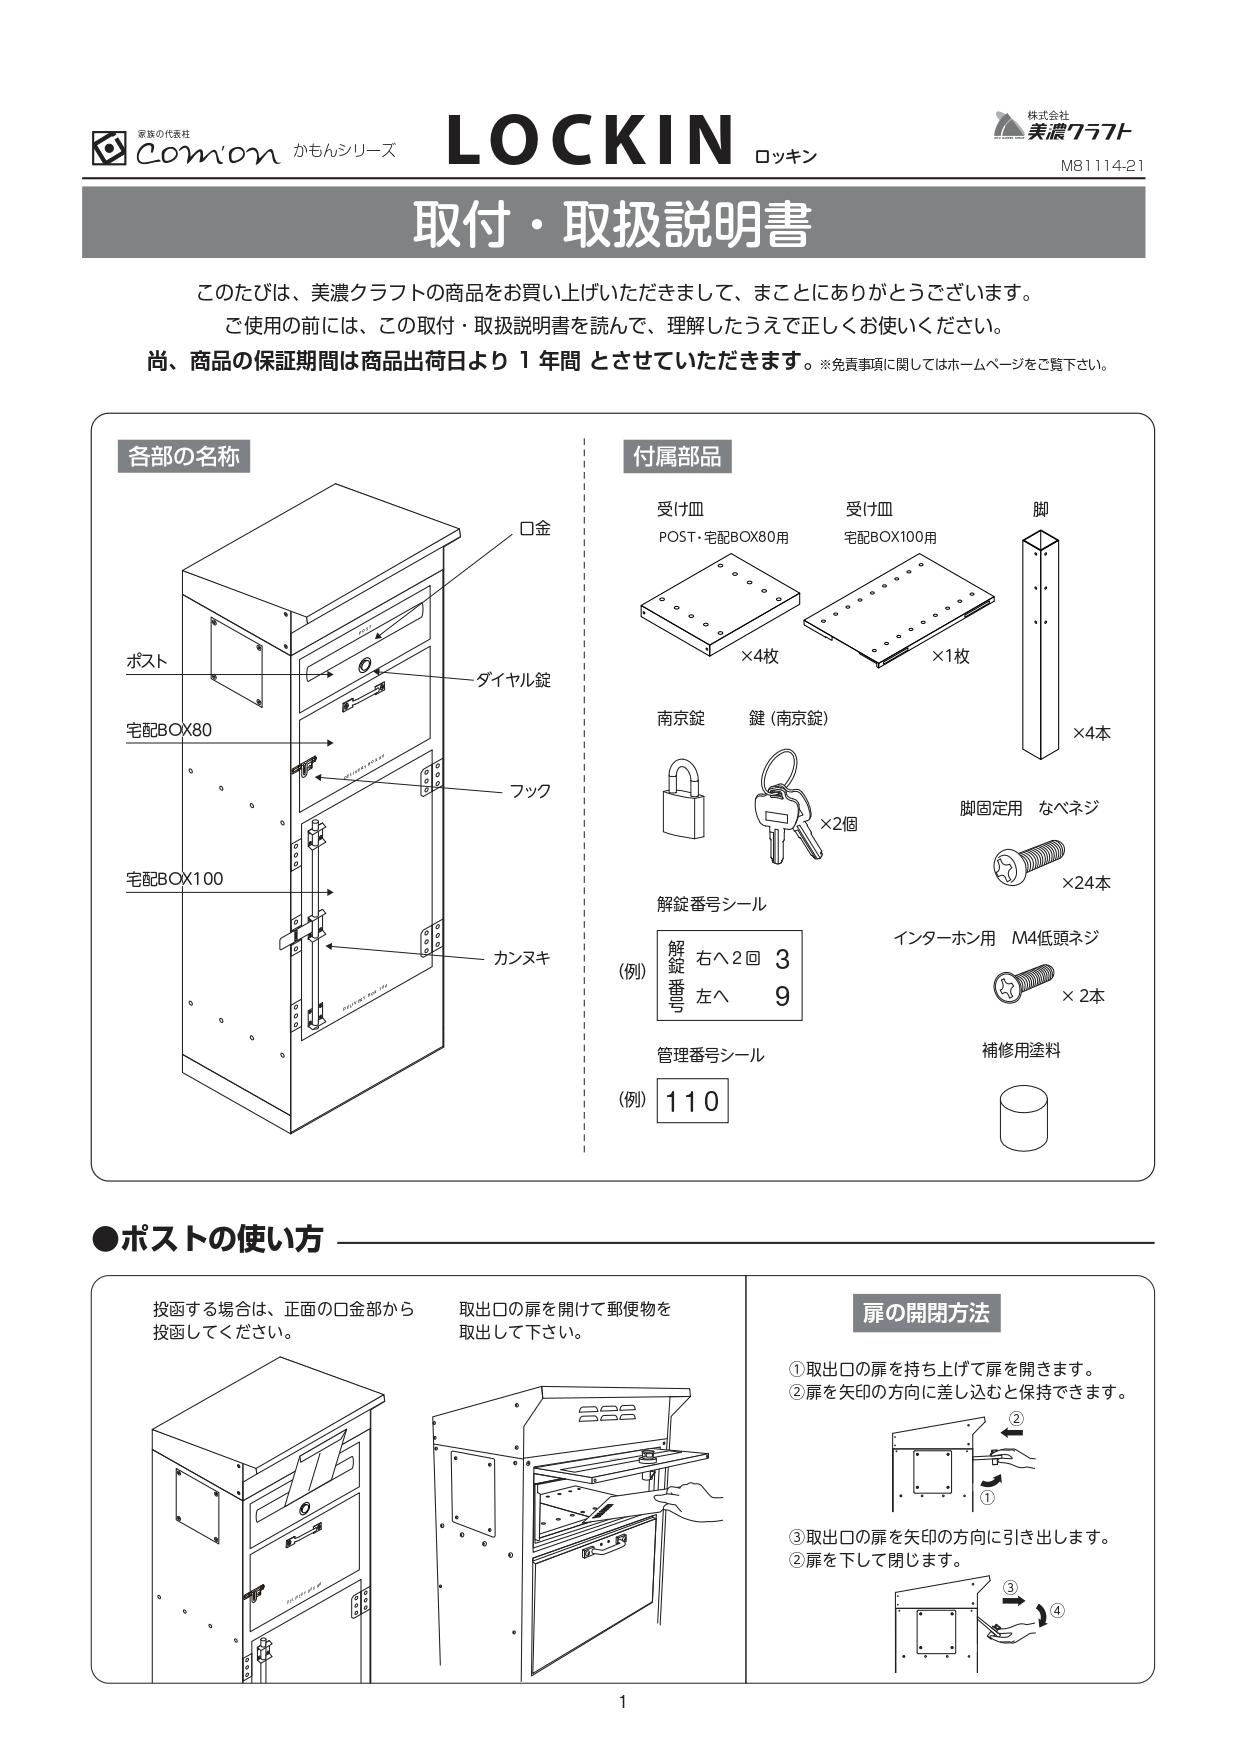 ロッキン 施工説明書_page-0001